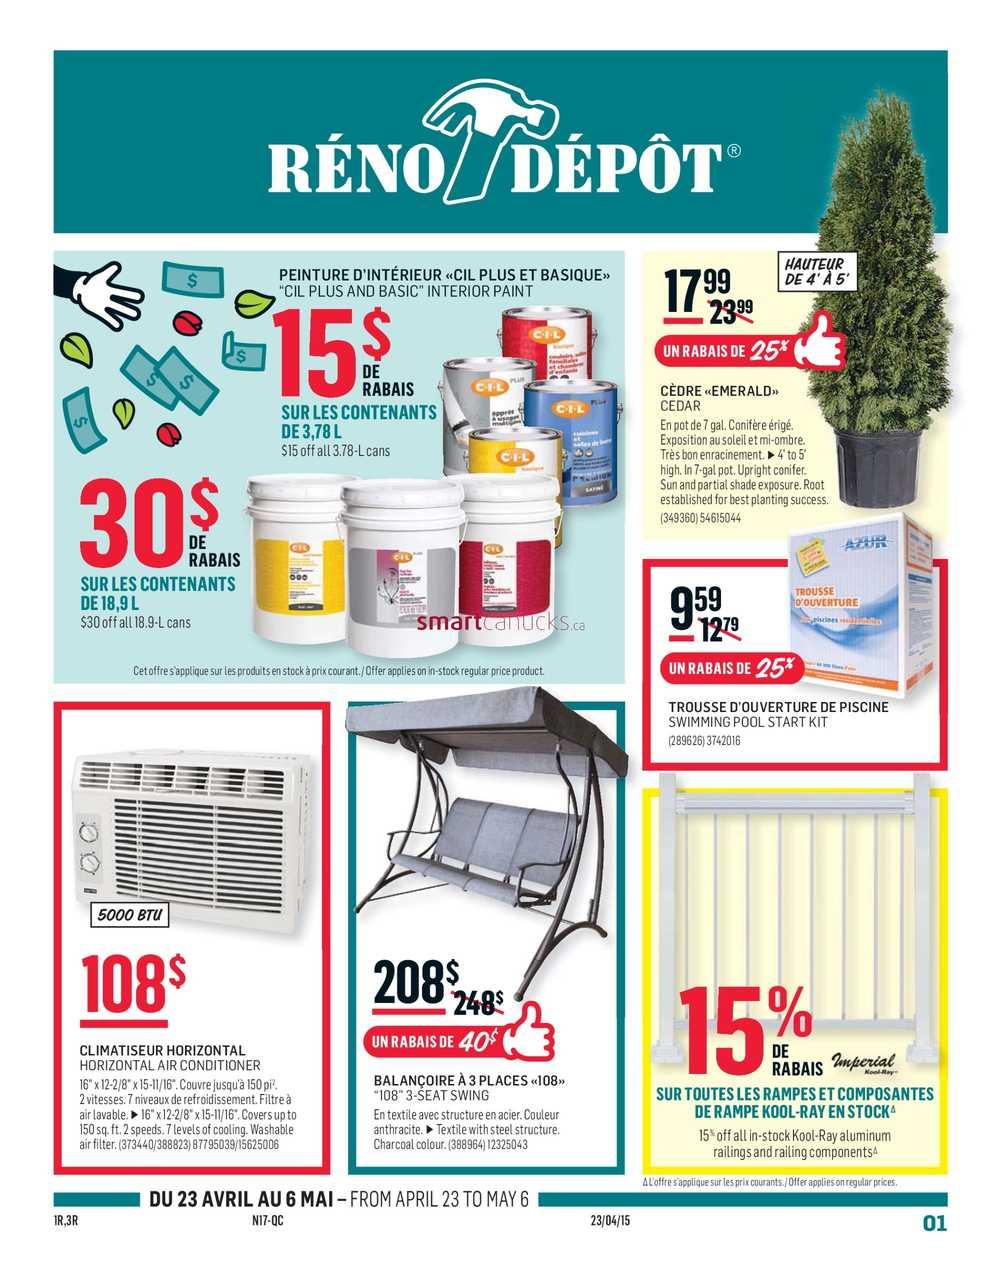 Reno Depot Flyer April 23 to May 6